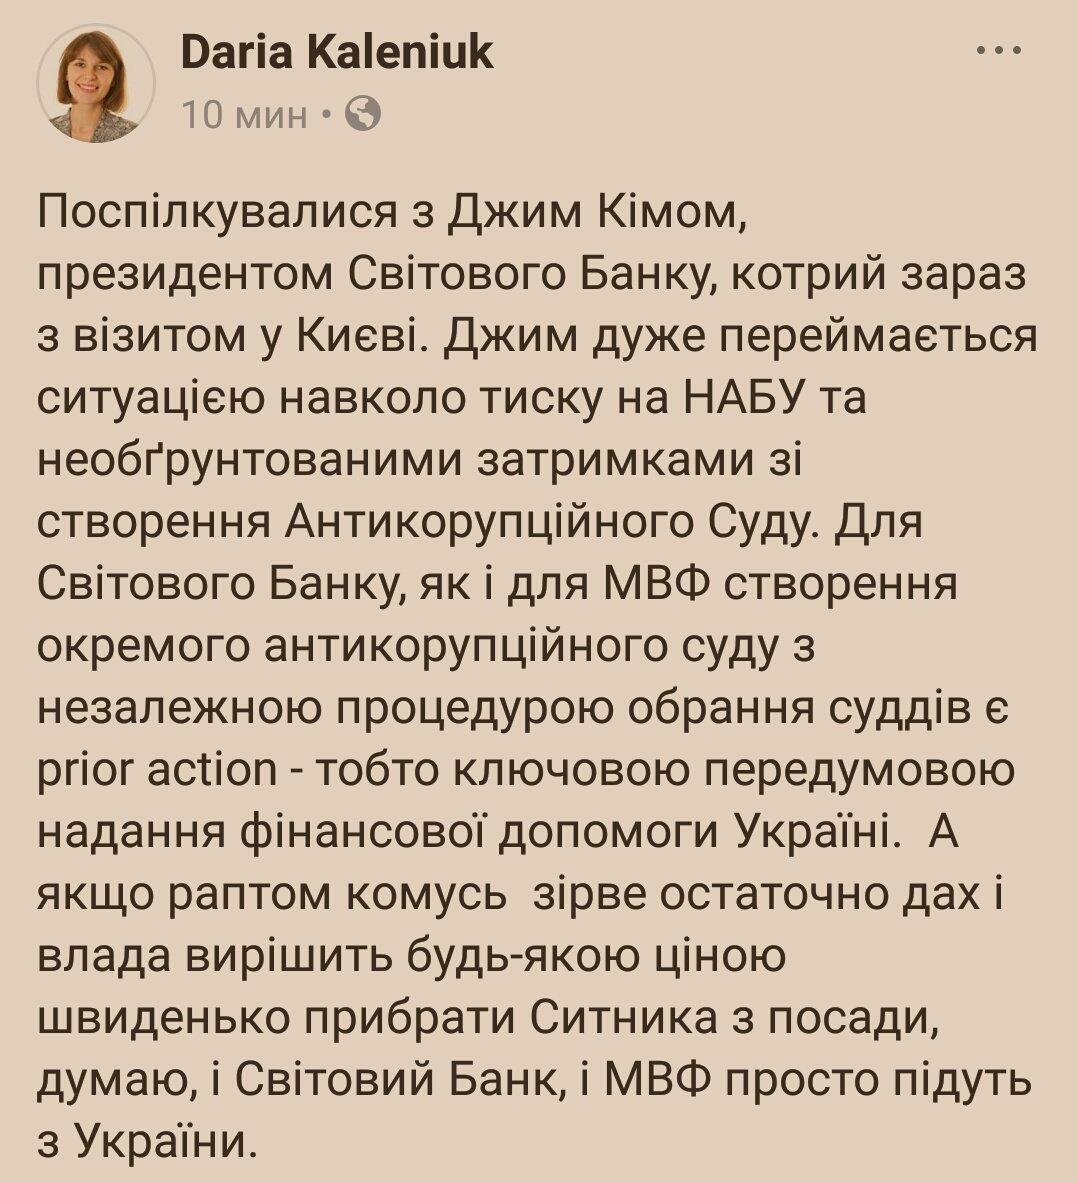 Еврокомиссар Хан завтра посетит Украину для обсуждения имплементации Соглашения об ассоциации и борьбы с коррупцией - Цензор.НЕТ 4450